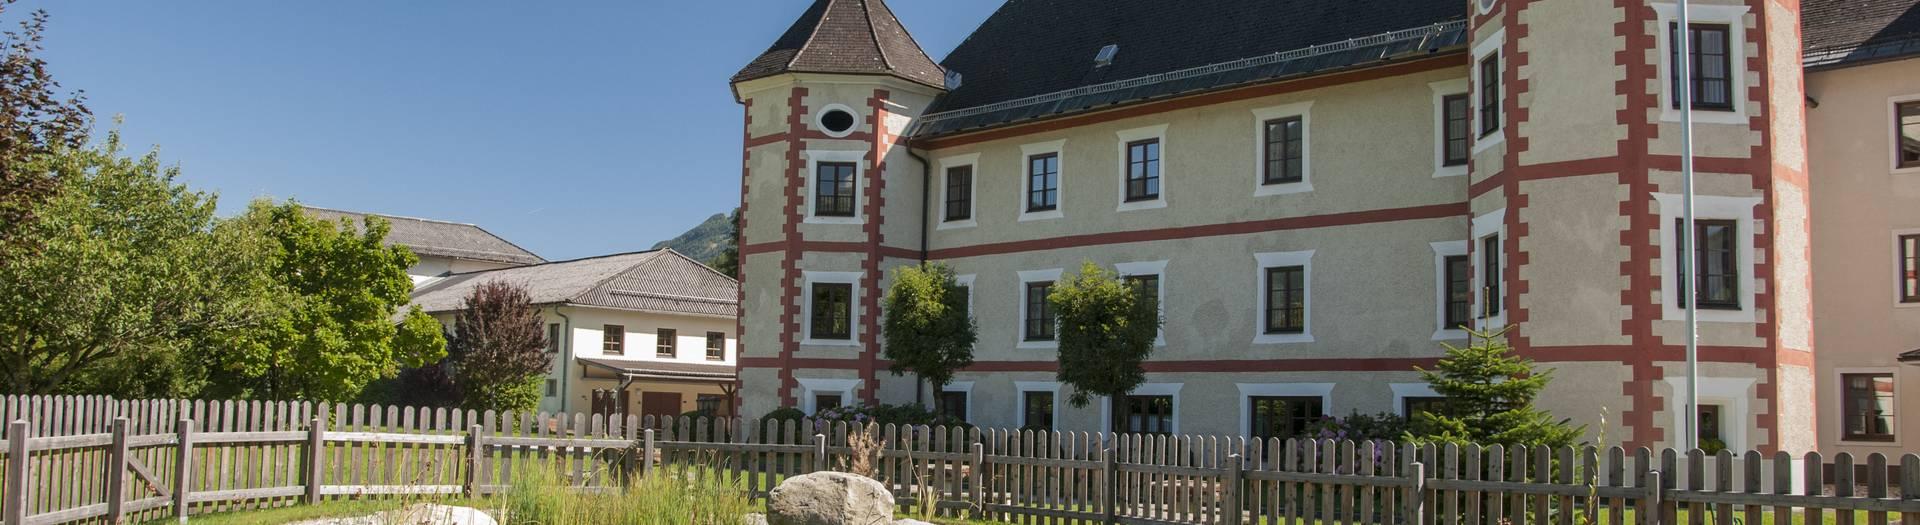 Lurnfeld Mit dem Schloss Drauhofen in der Nationalpark-Region Hohe Tauern